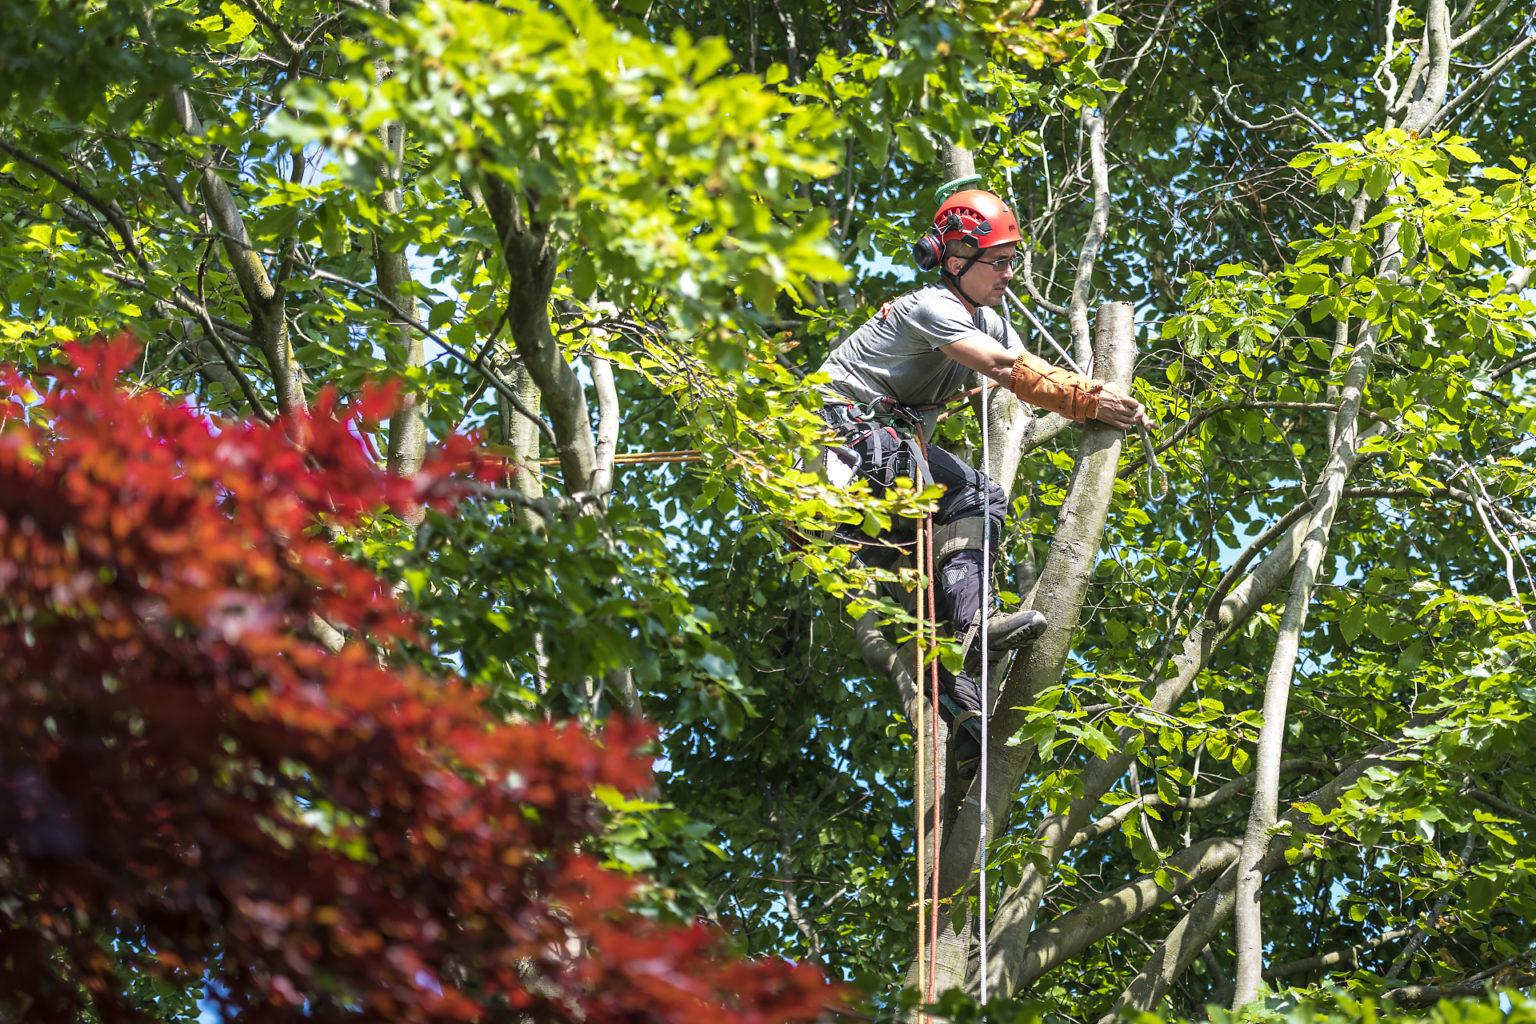 Opération d'abattage d'arbre par Noco l'arboriste, Aurore Delsoir photographe